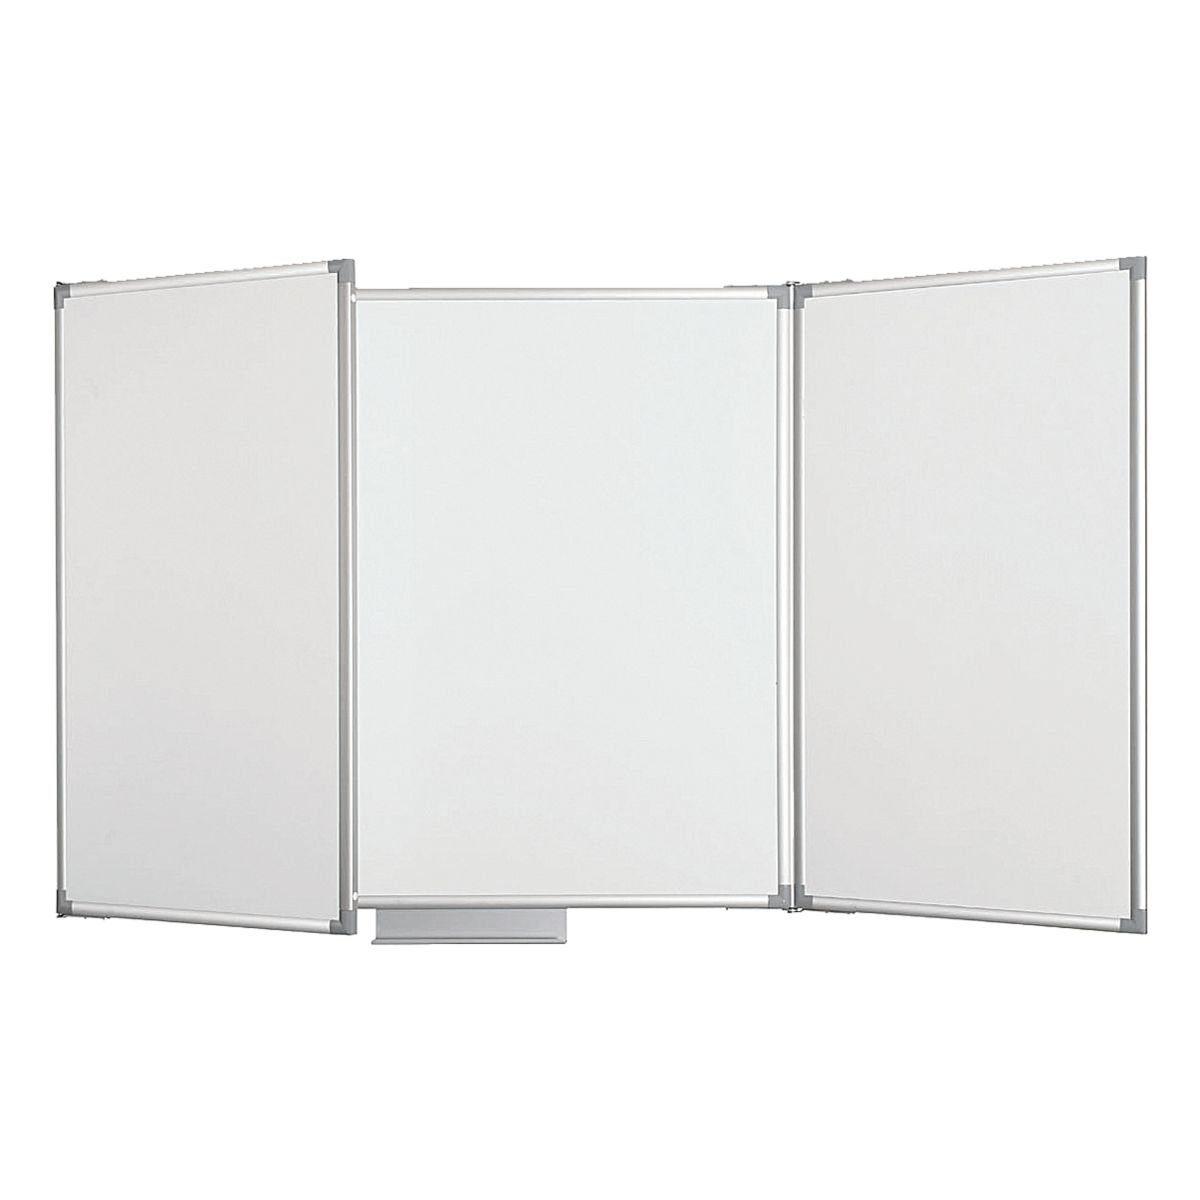 MAUL Whiteboard-Klapptafel kunststoffbeschichtet, 150 x 100 cm